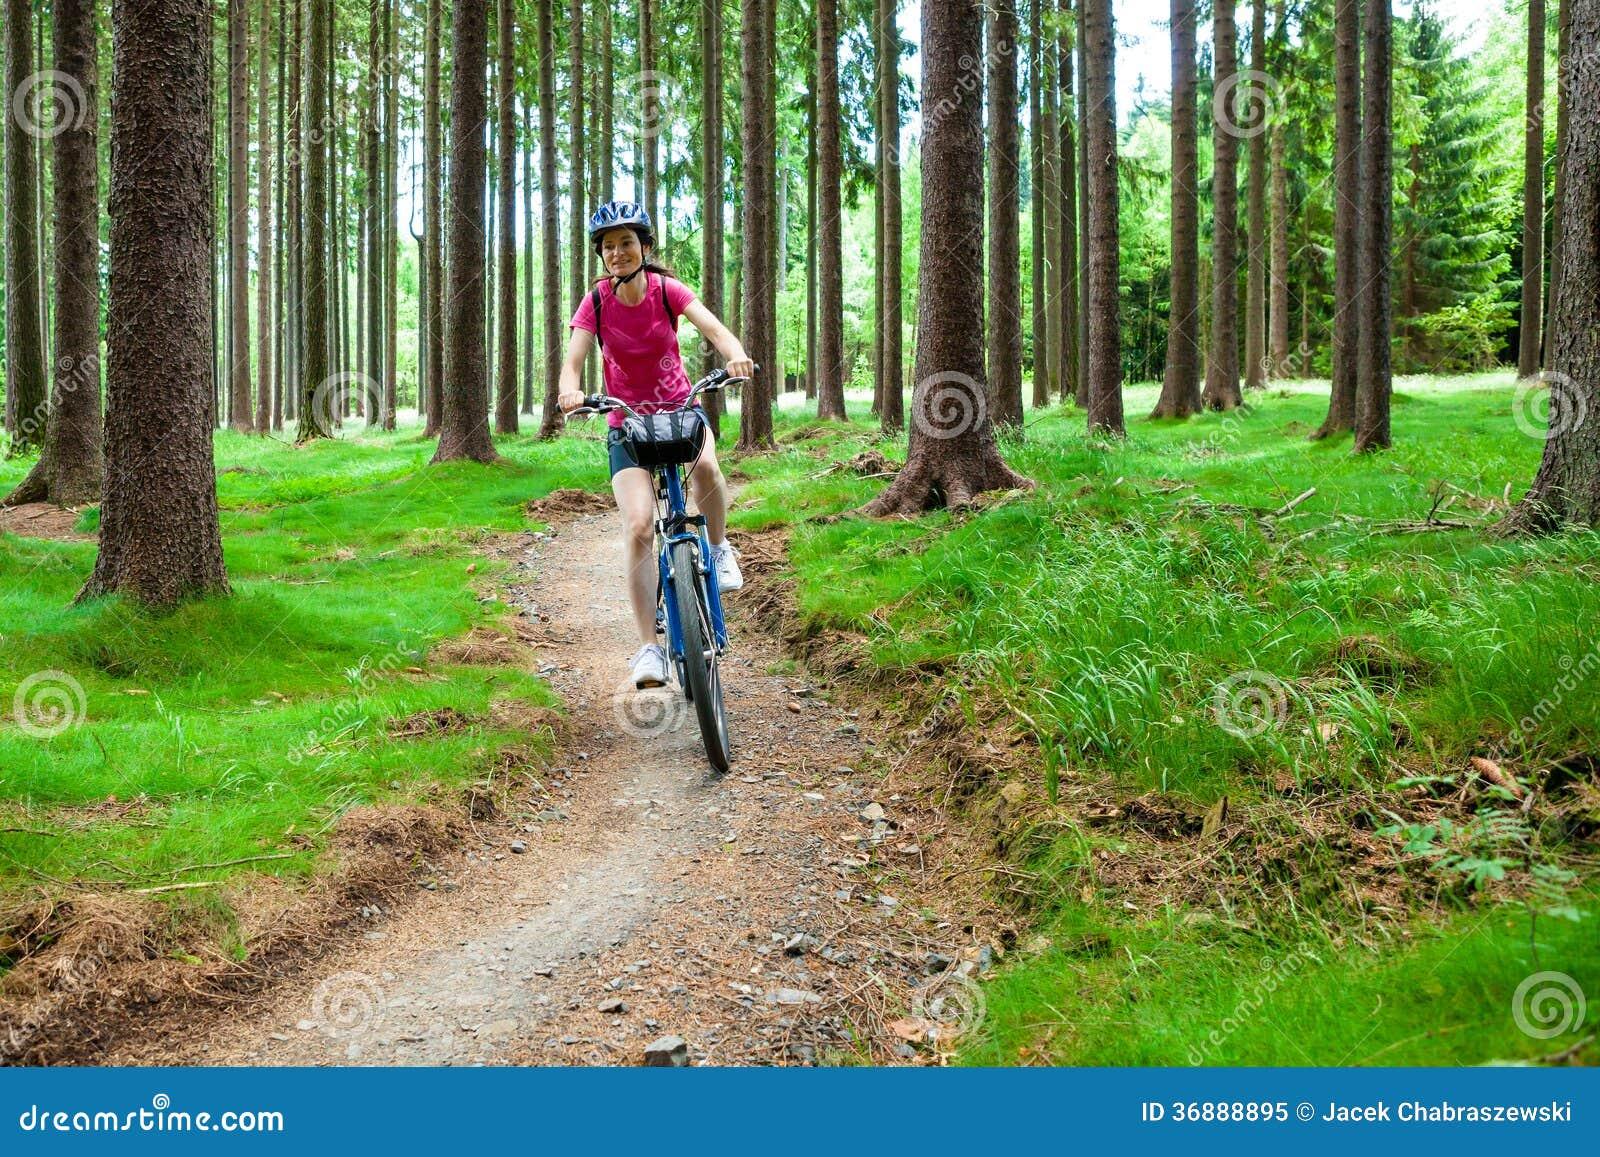 Download Stile Di Vita Sano - Riciclaggio Della Donna Immagine Stock - Immagine di biking, bikers: 36888895